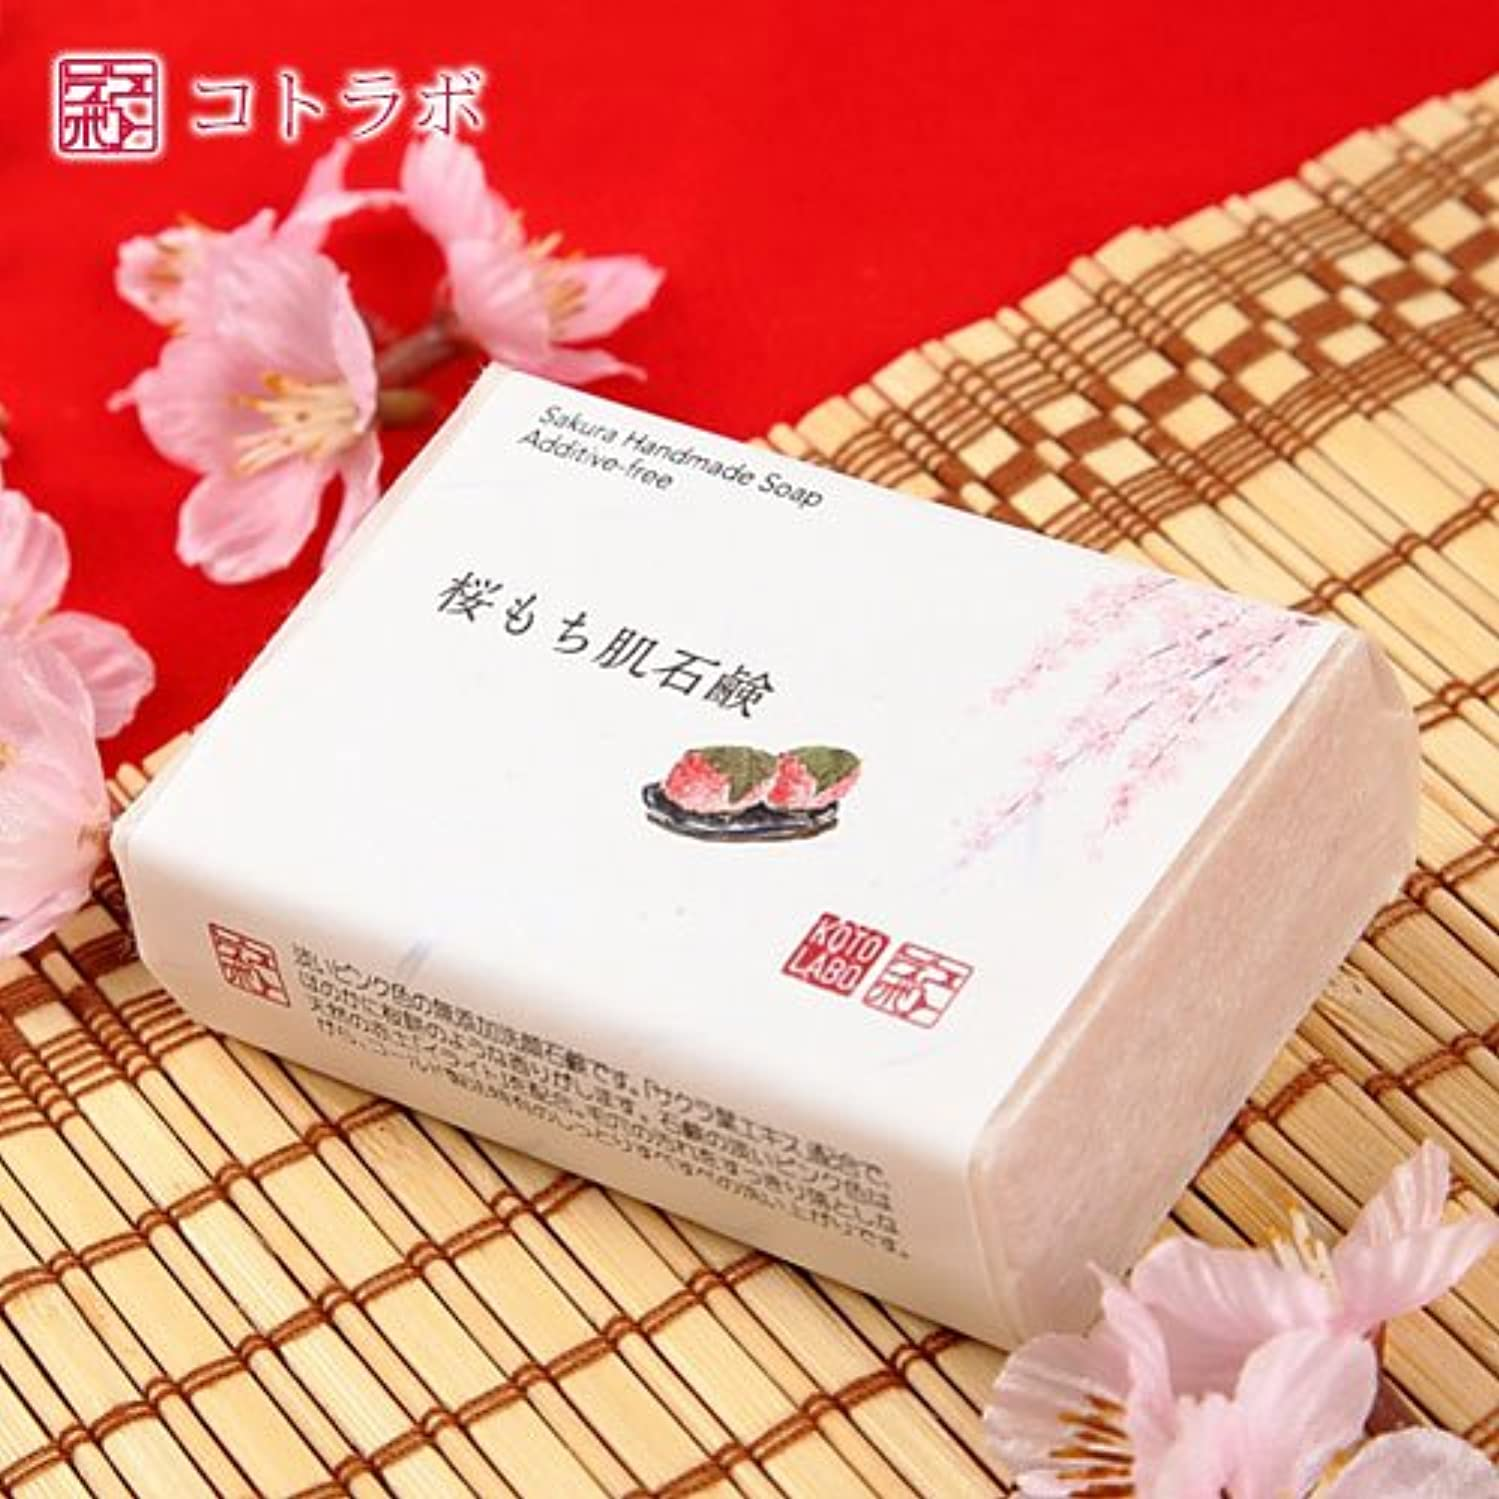 規制する遅れブラウズコトラボ洗顔石けん京都桜もち肌石鹸天然赤土配合で毛穴の汚れをすっきりJapanese sakura hamdmade soap